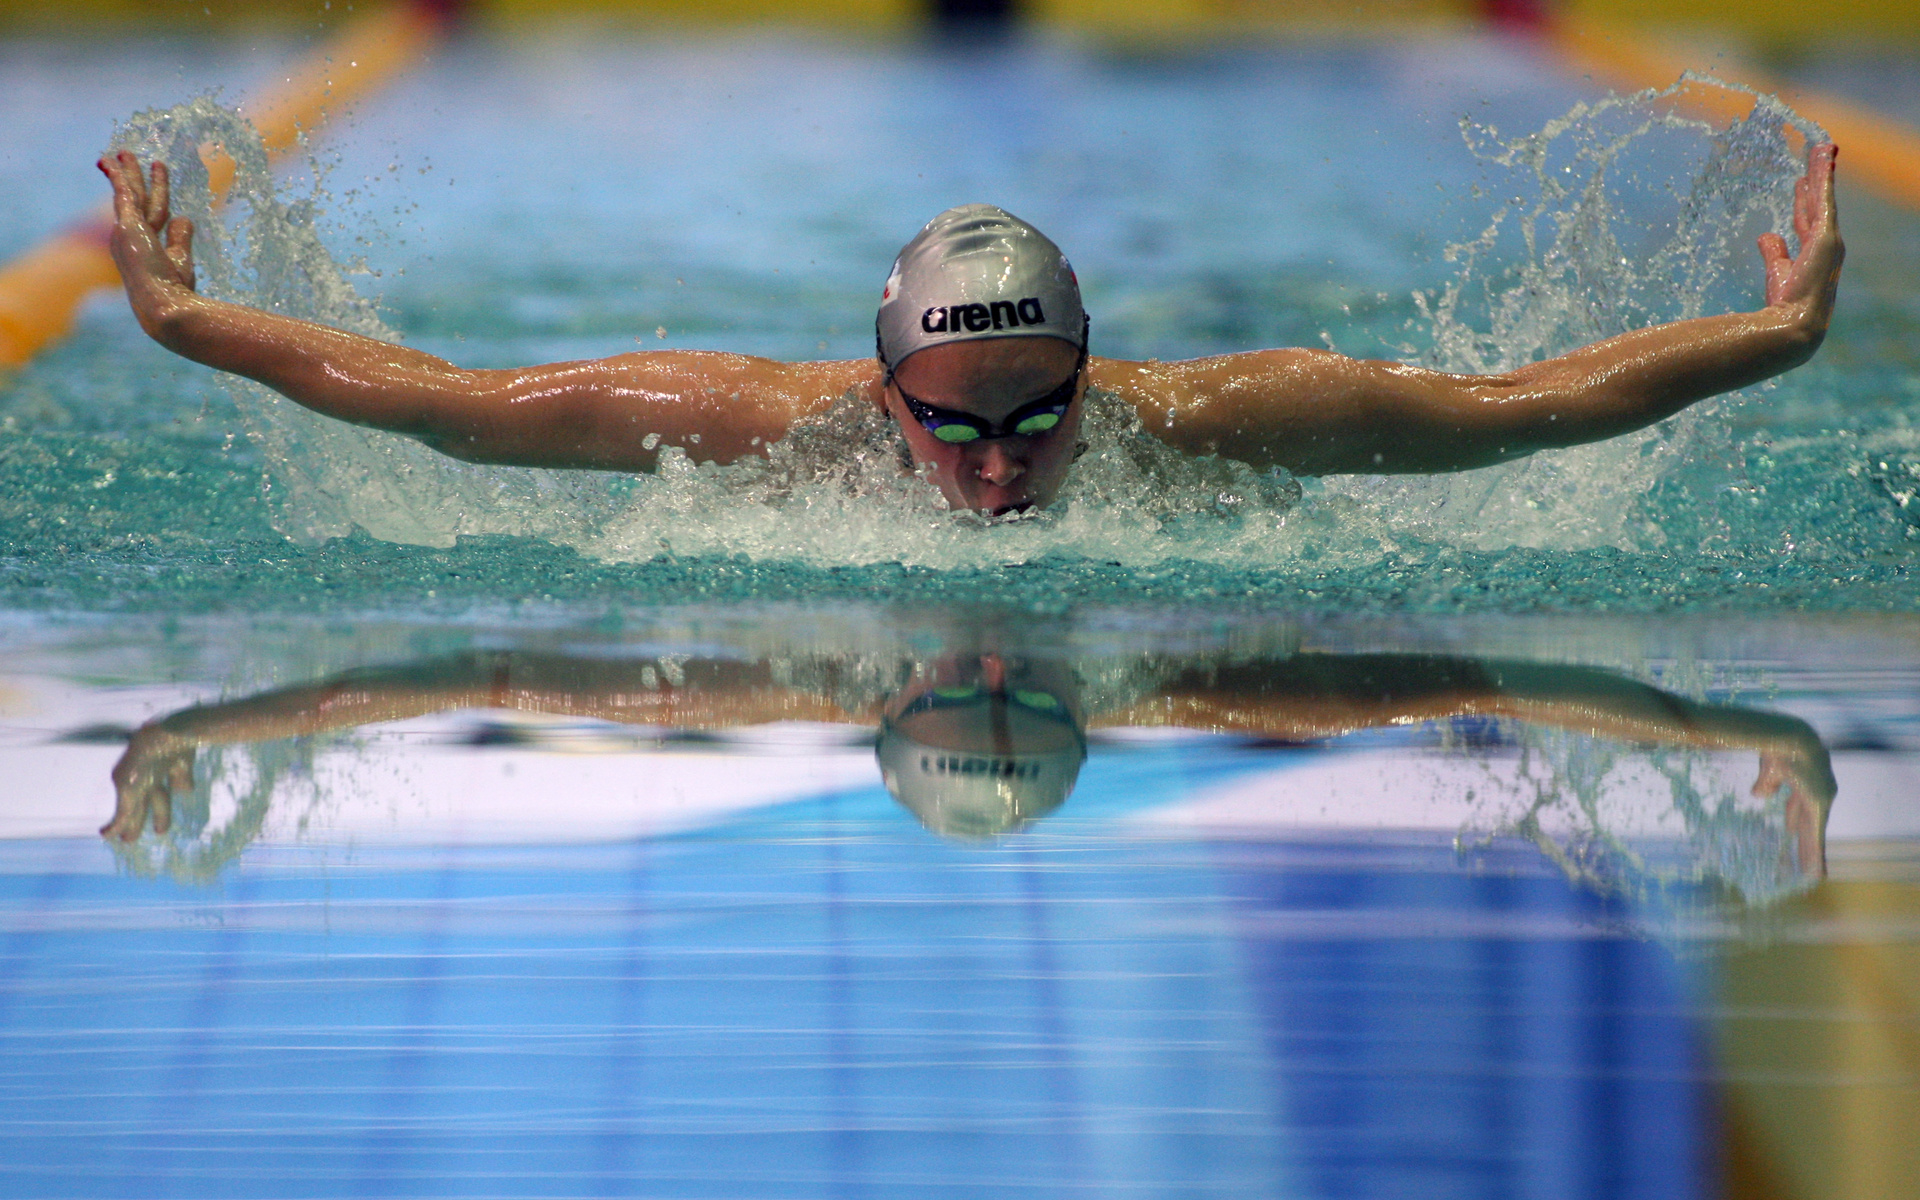 Пловец занимается в бассейне